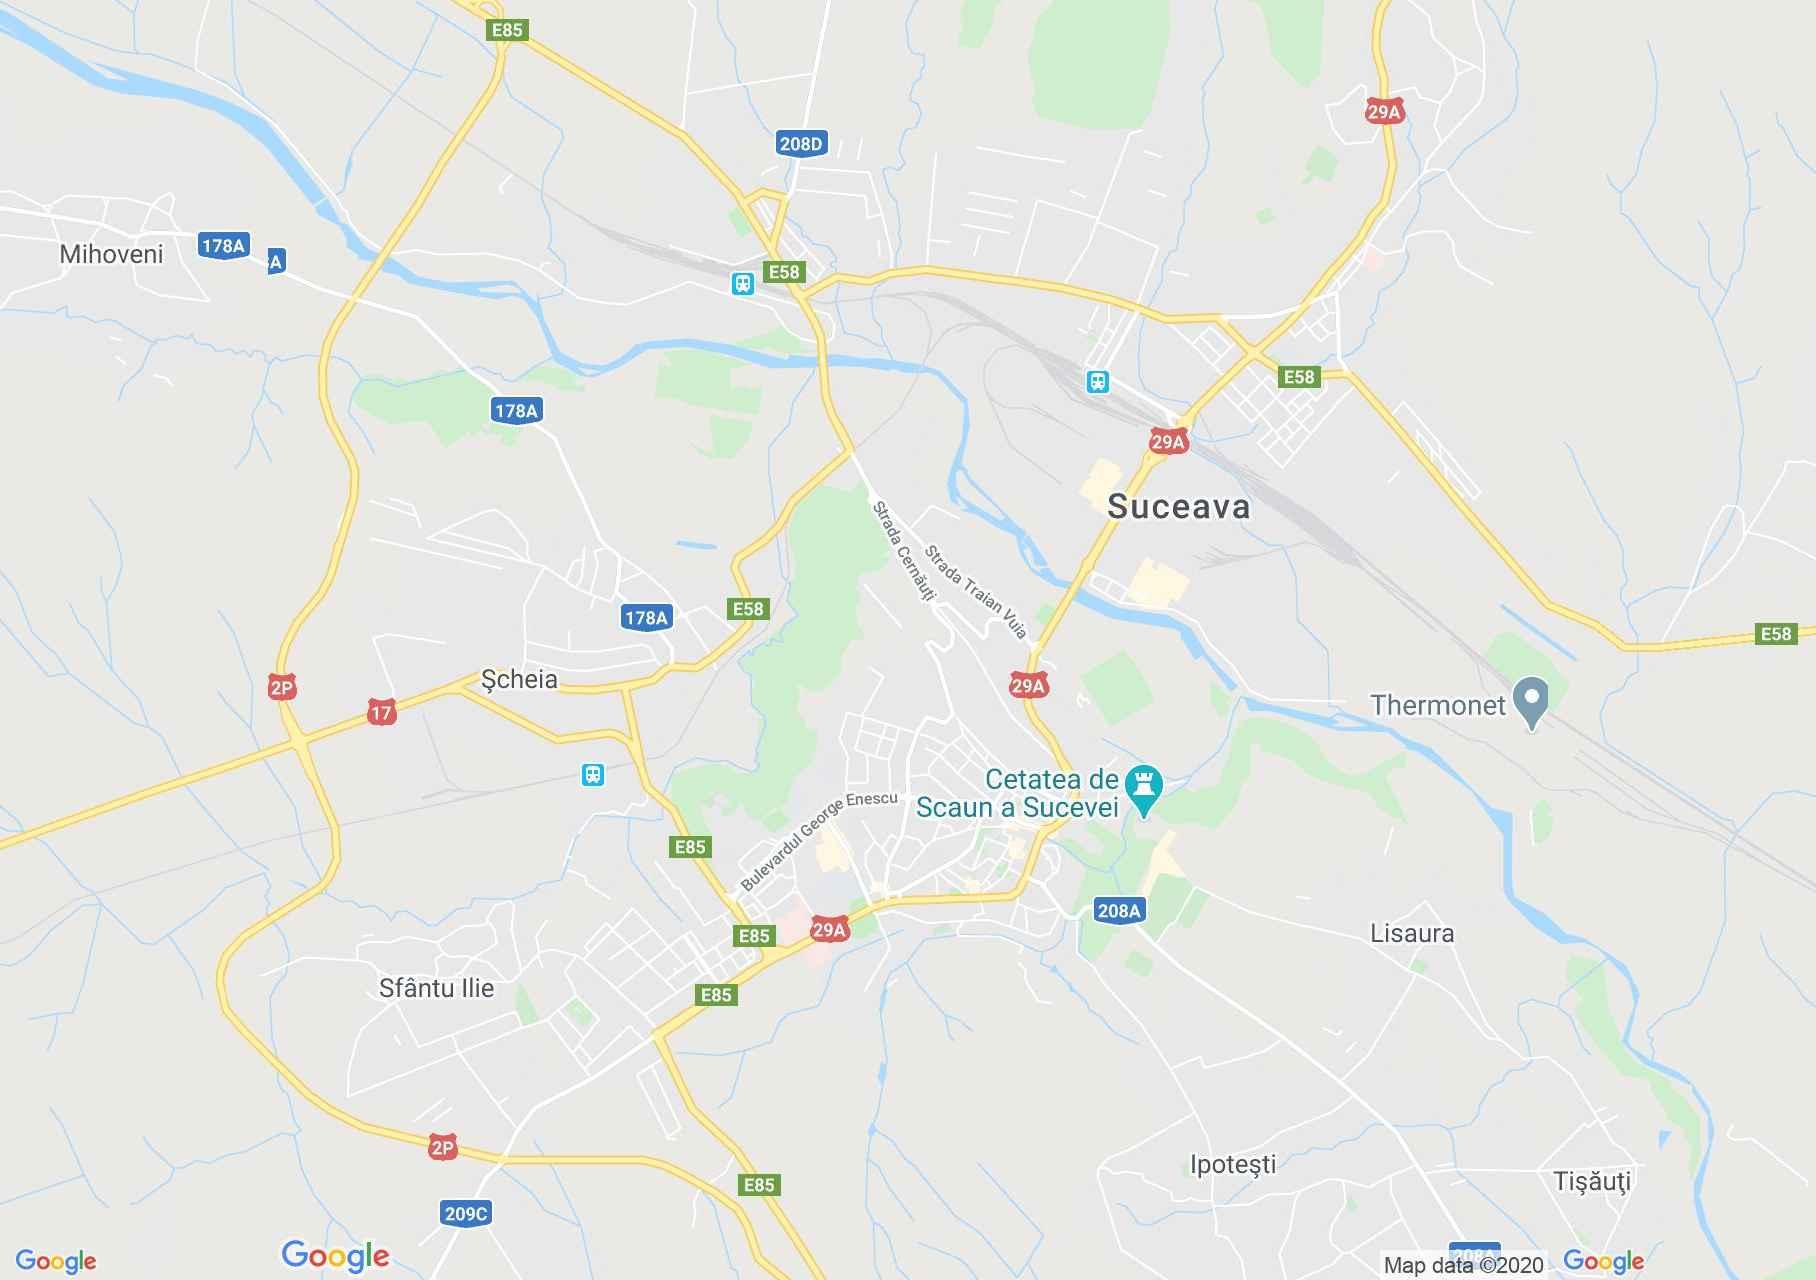 Suceava, Harta turistică interactivă